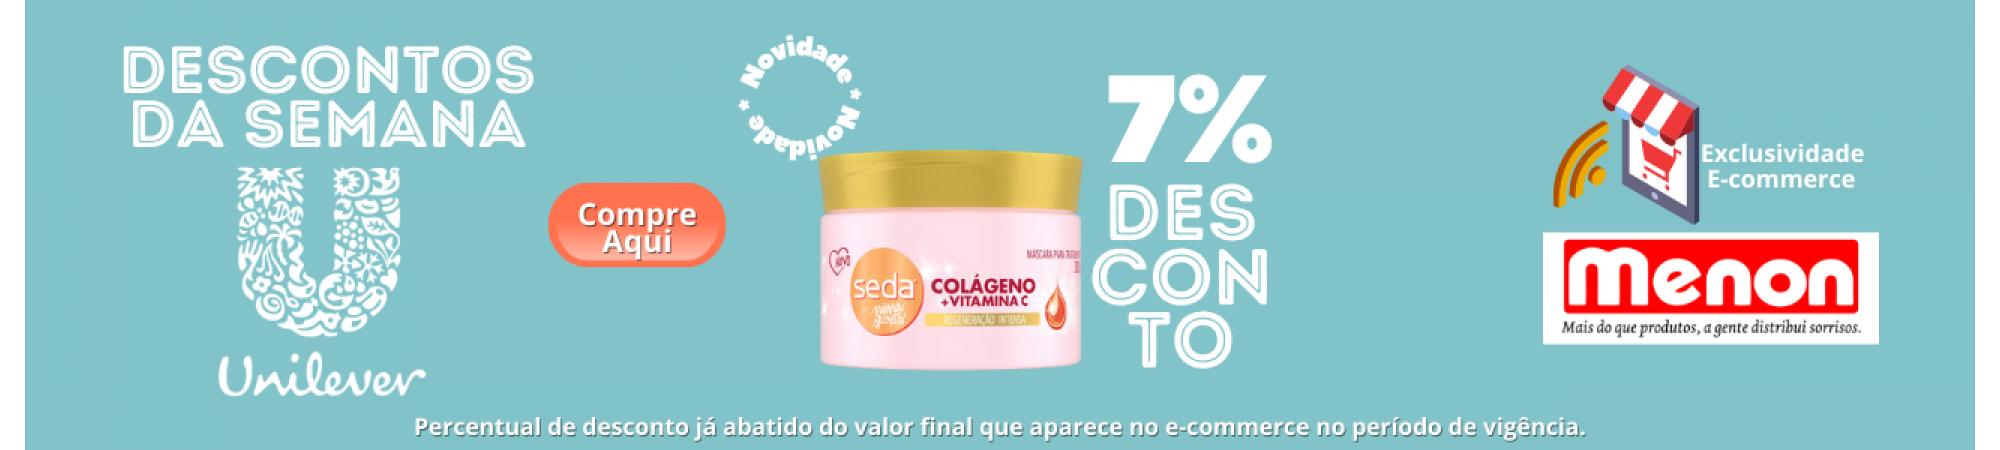 colageno seda